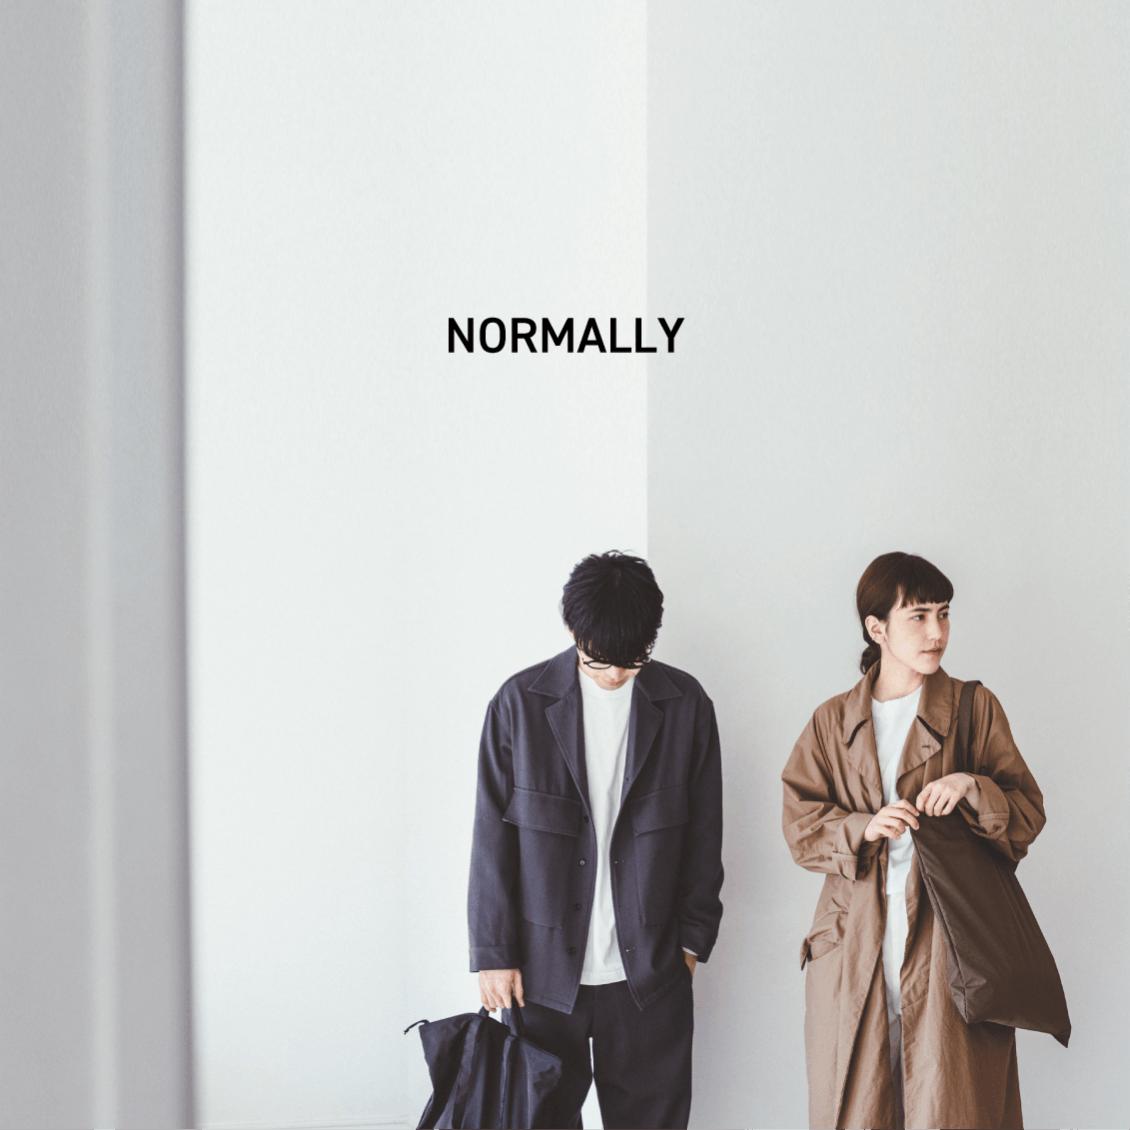 【新ブランド誕生のお知らせ】今日から、もうひとつのオリジナルブランド『NORMALLY』を展開していきます。